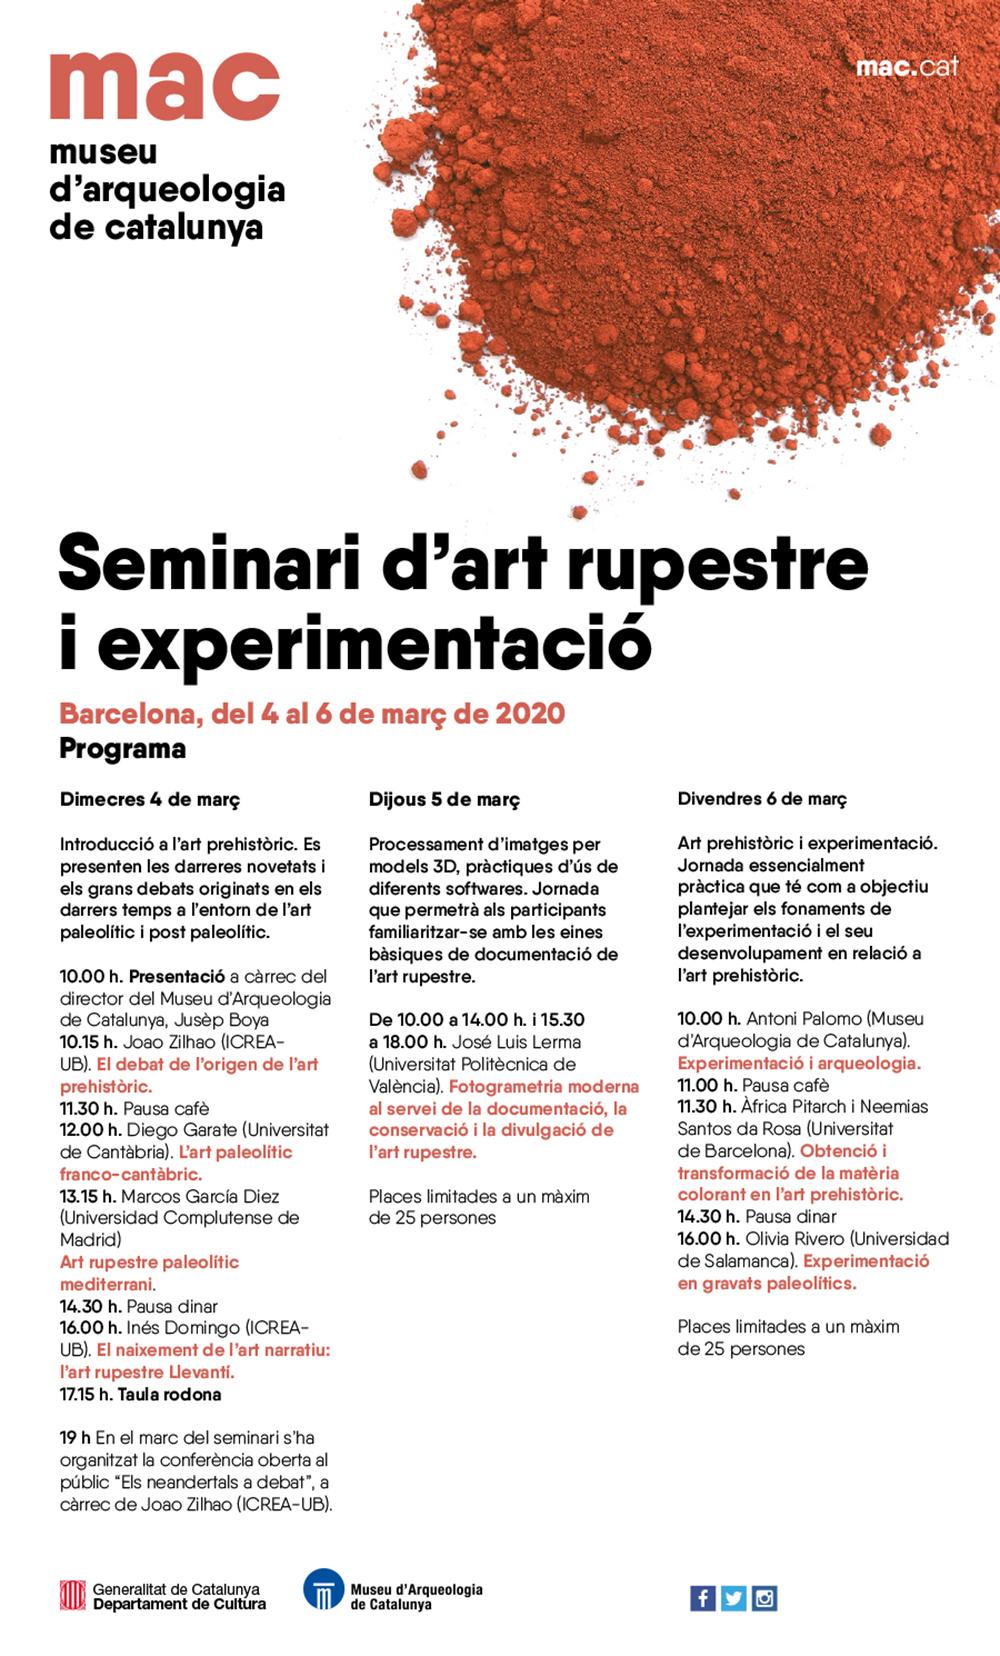 Figura 1. Programa del Seminari d'art rupestre i experimentació